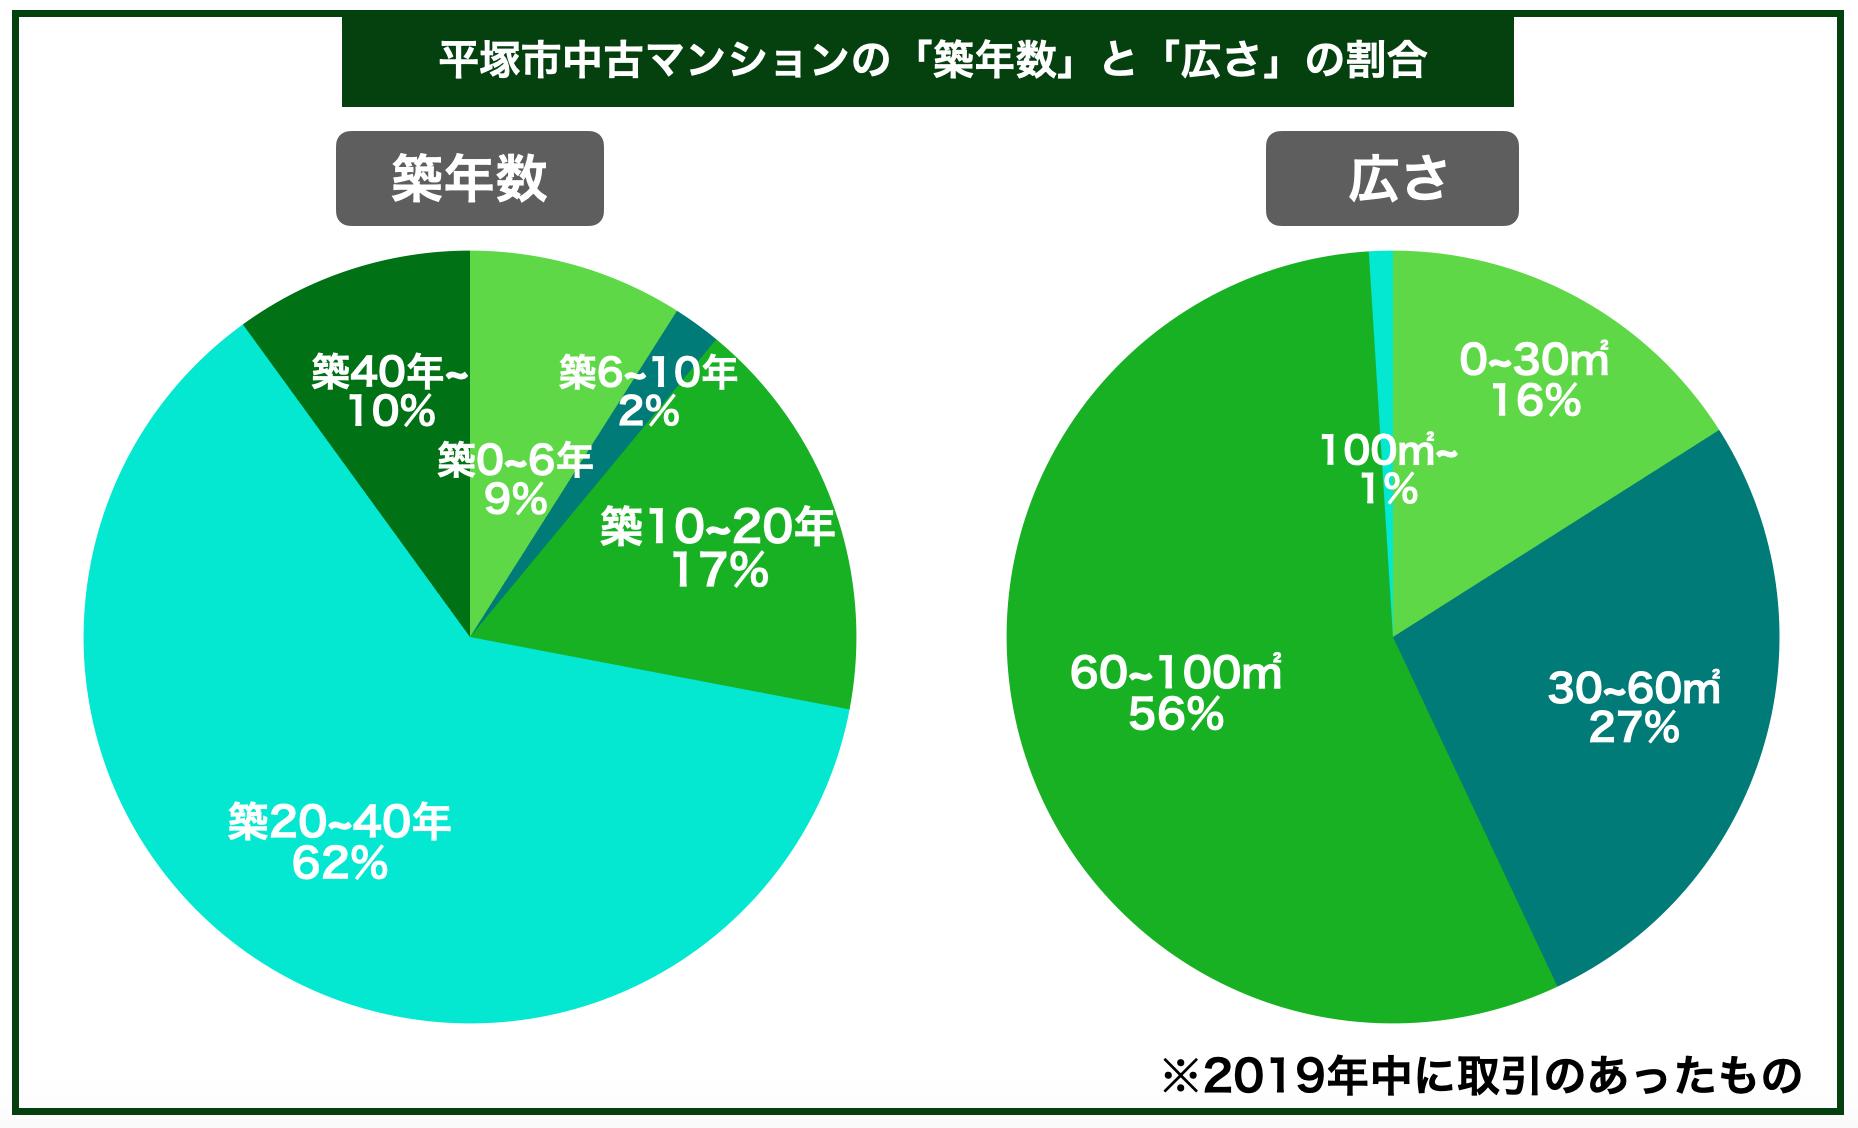 平塚市中古マンション築年数広さ割合